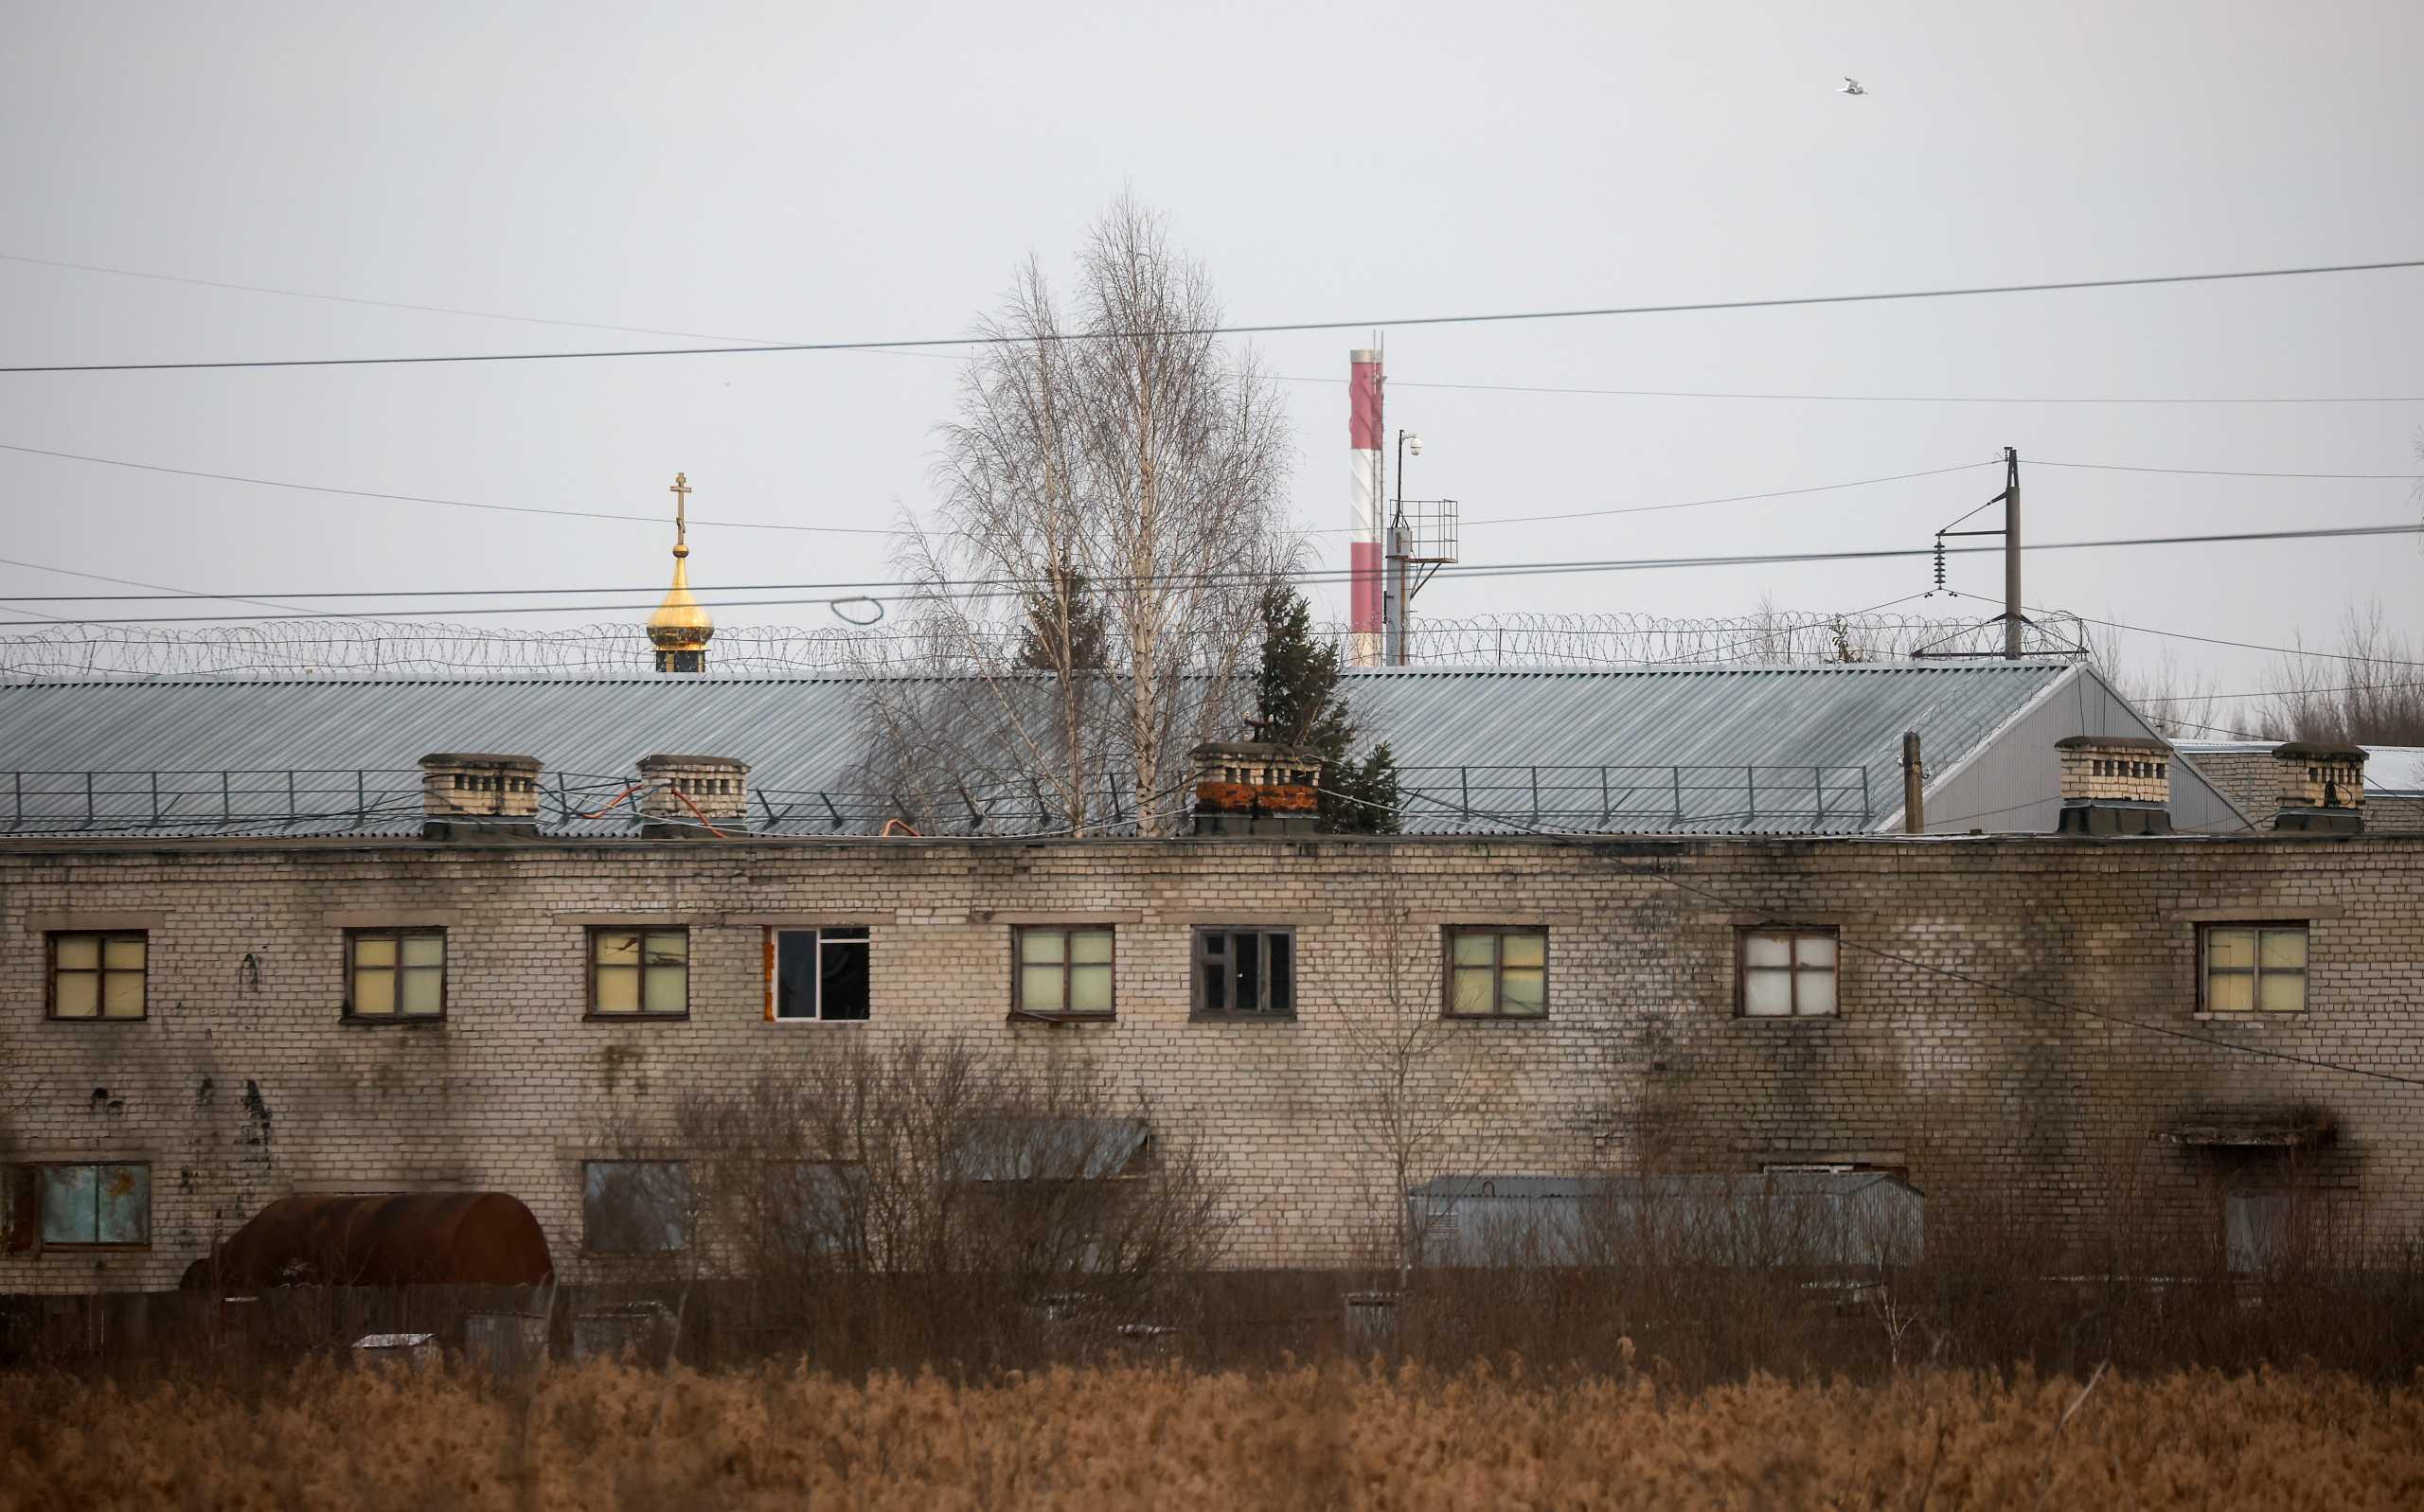 Κρεμλίνο: Αν πραγματικά είναι άρρωστος ο Ναβάλνι θα λάβει ιατρική αγωγή